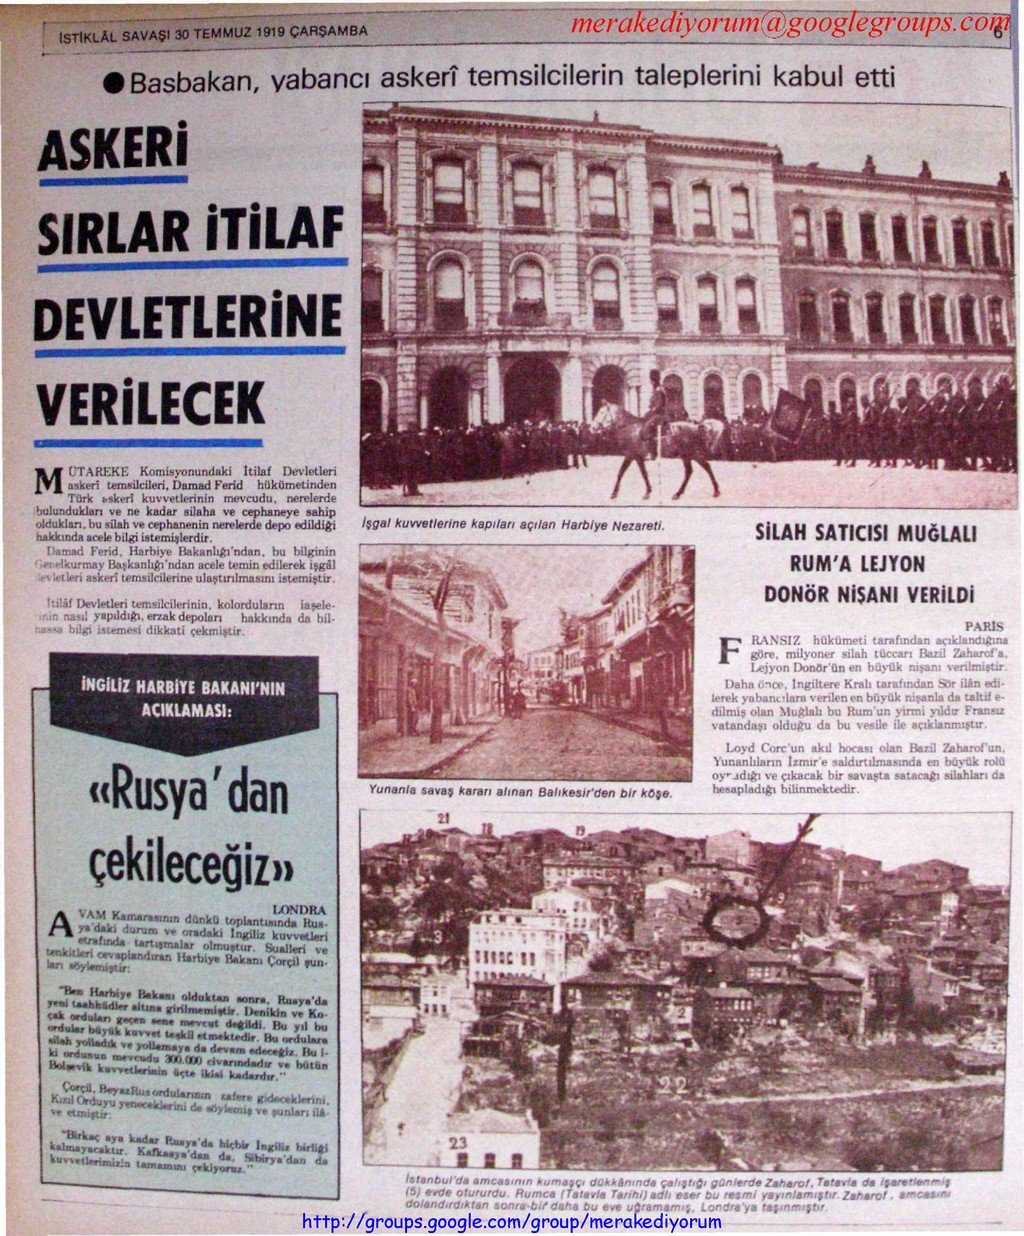 istiklal savaşı gazetesi - 30 temmuz 1919